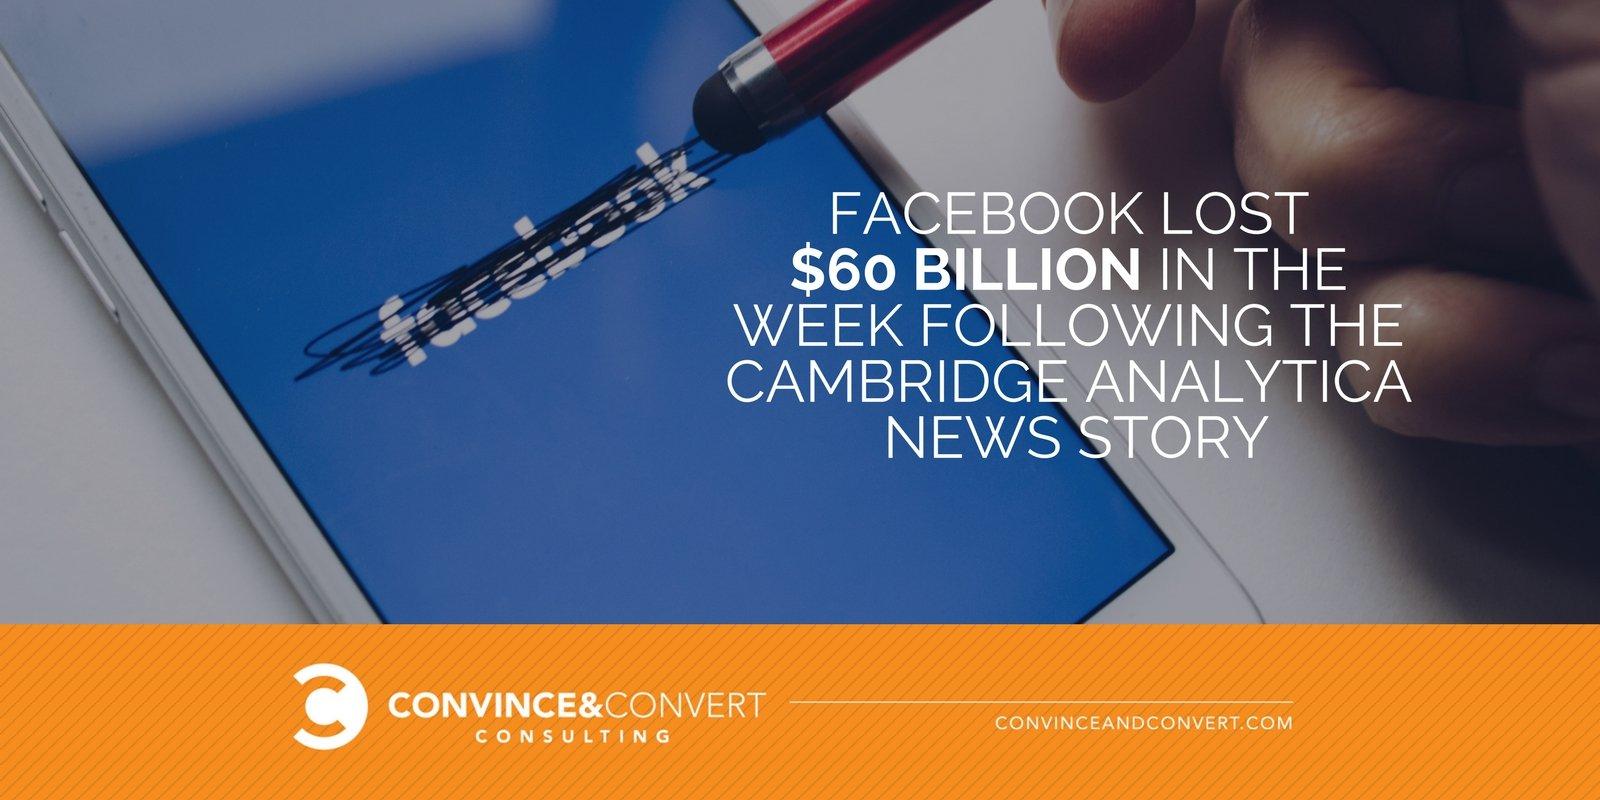 Facebook lost 60 billion